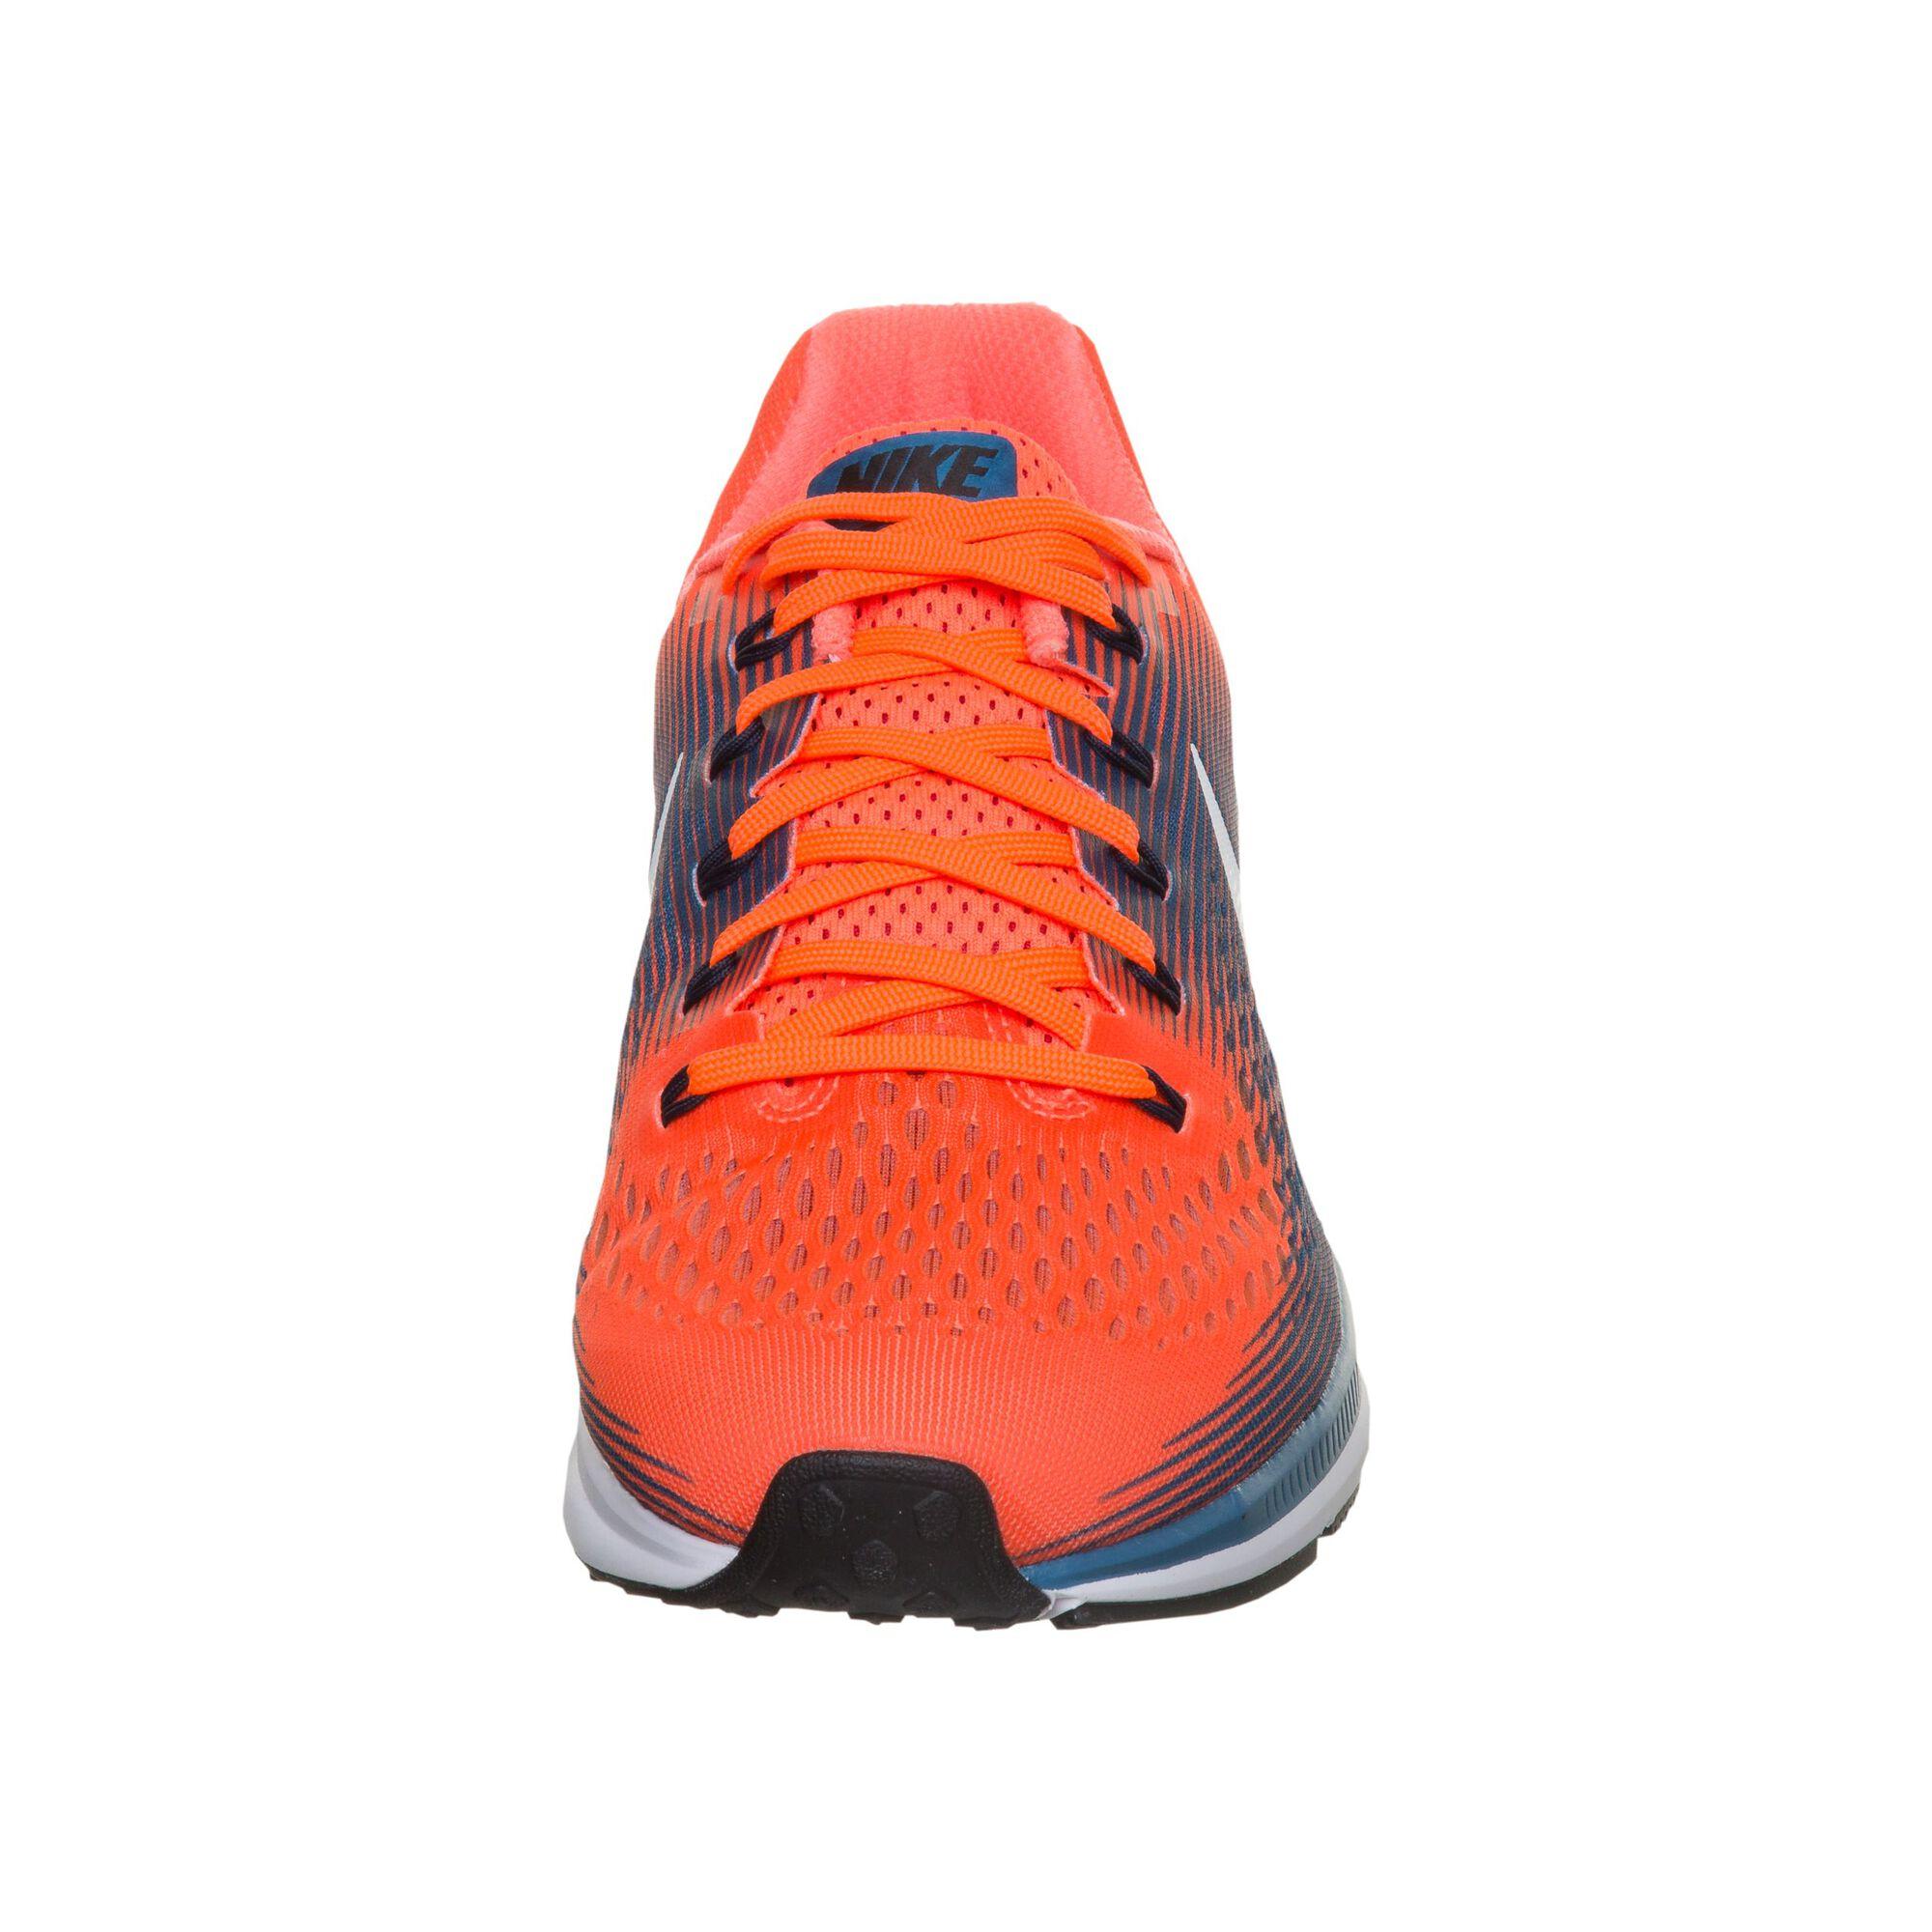 264ee6f12cf0 buy Nike Air Zoom Pegasus 34 Neutral Running Shoe Men - Orange